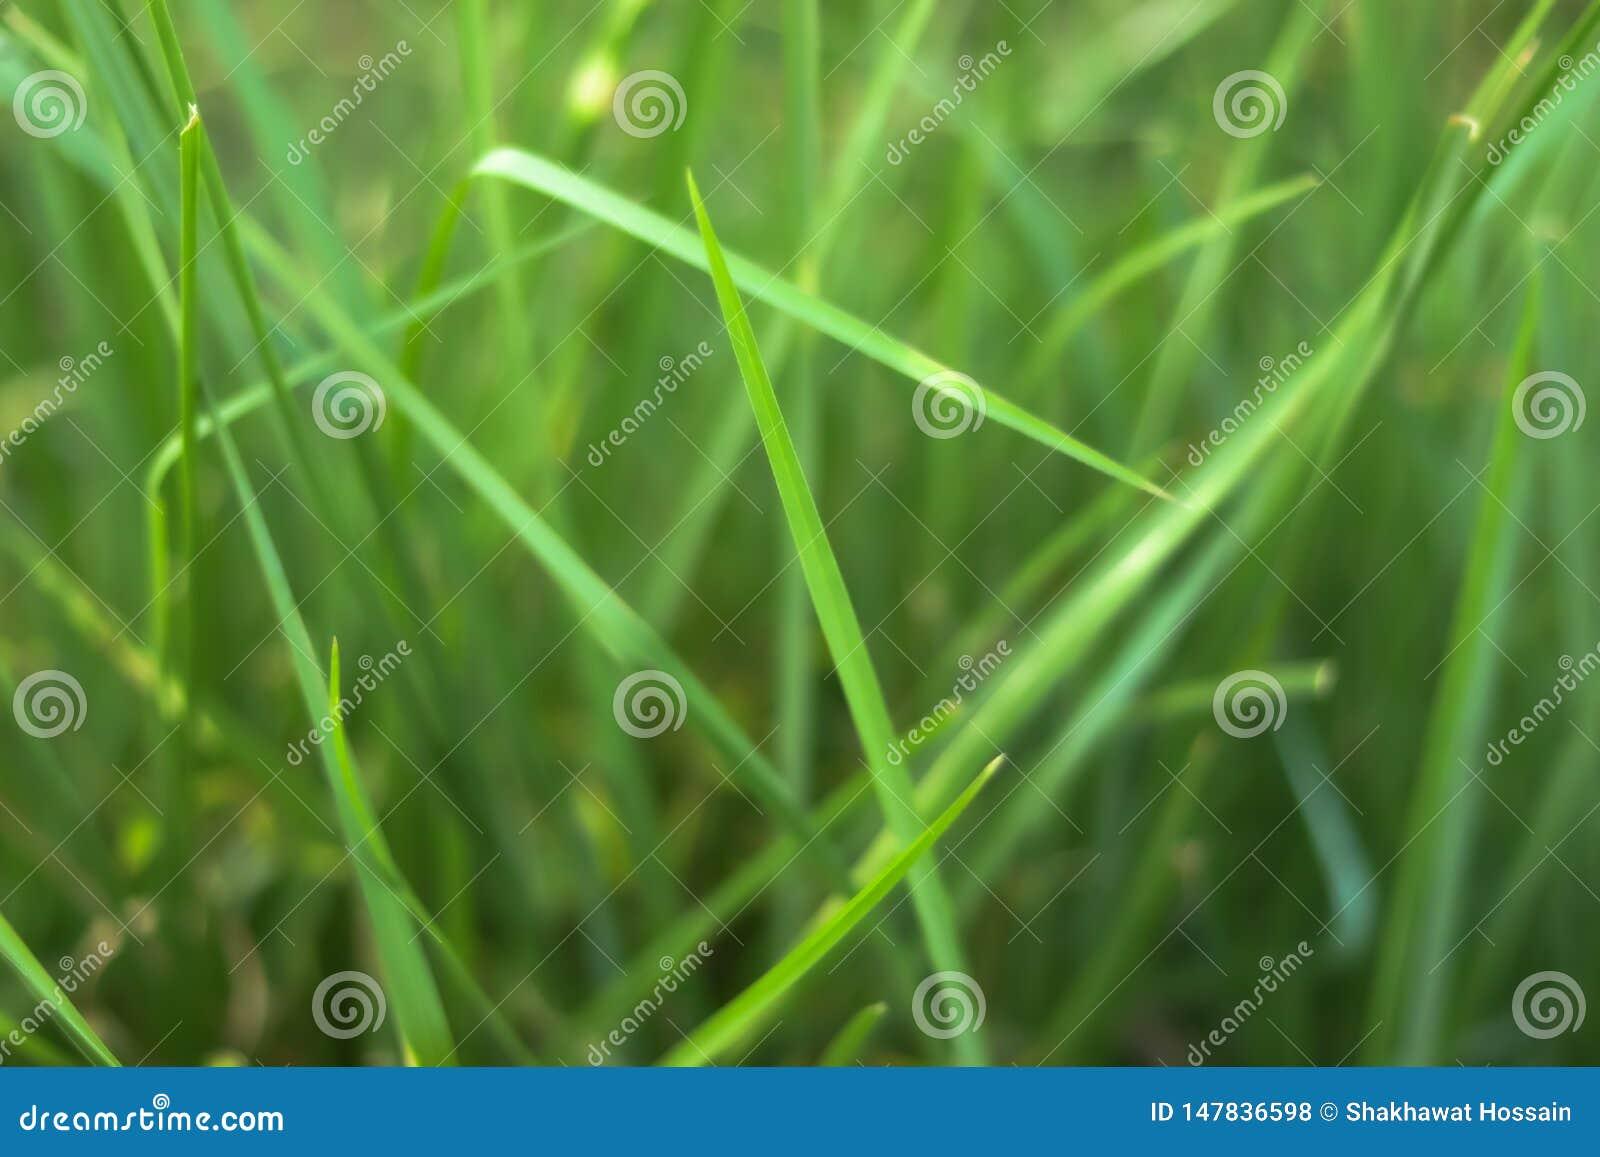 Φύλλο Grasss